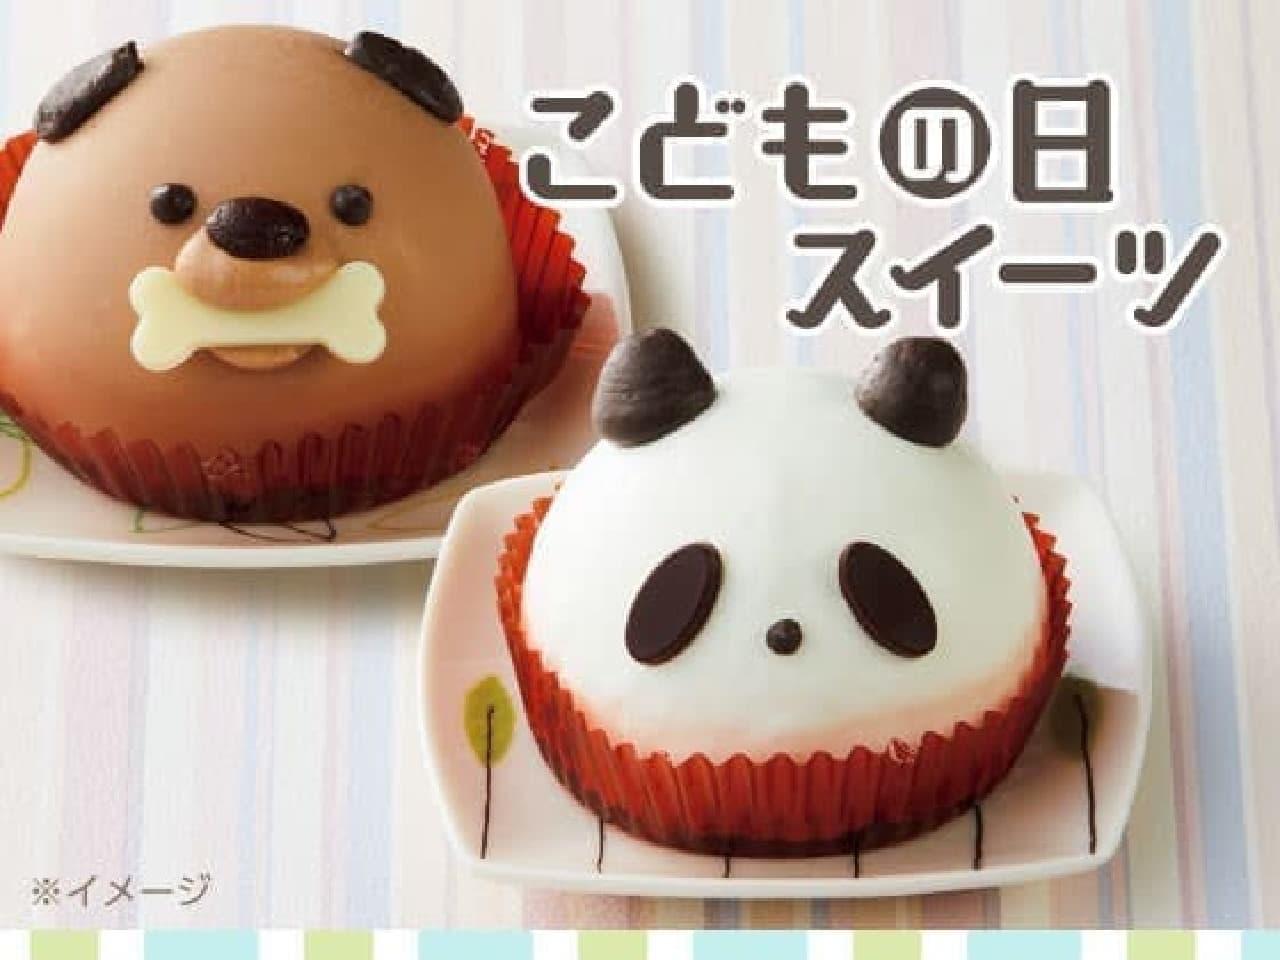 セブンこどもの日に向けたスイーツ「パンダのミルク&チョコケーキ」「わんちゃんチョコケーキ」